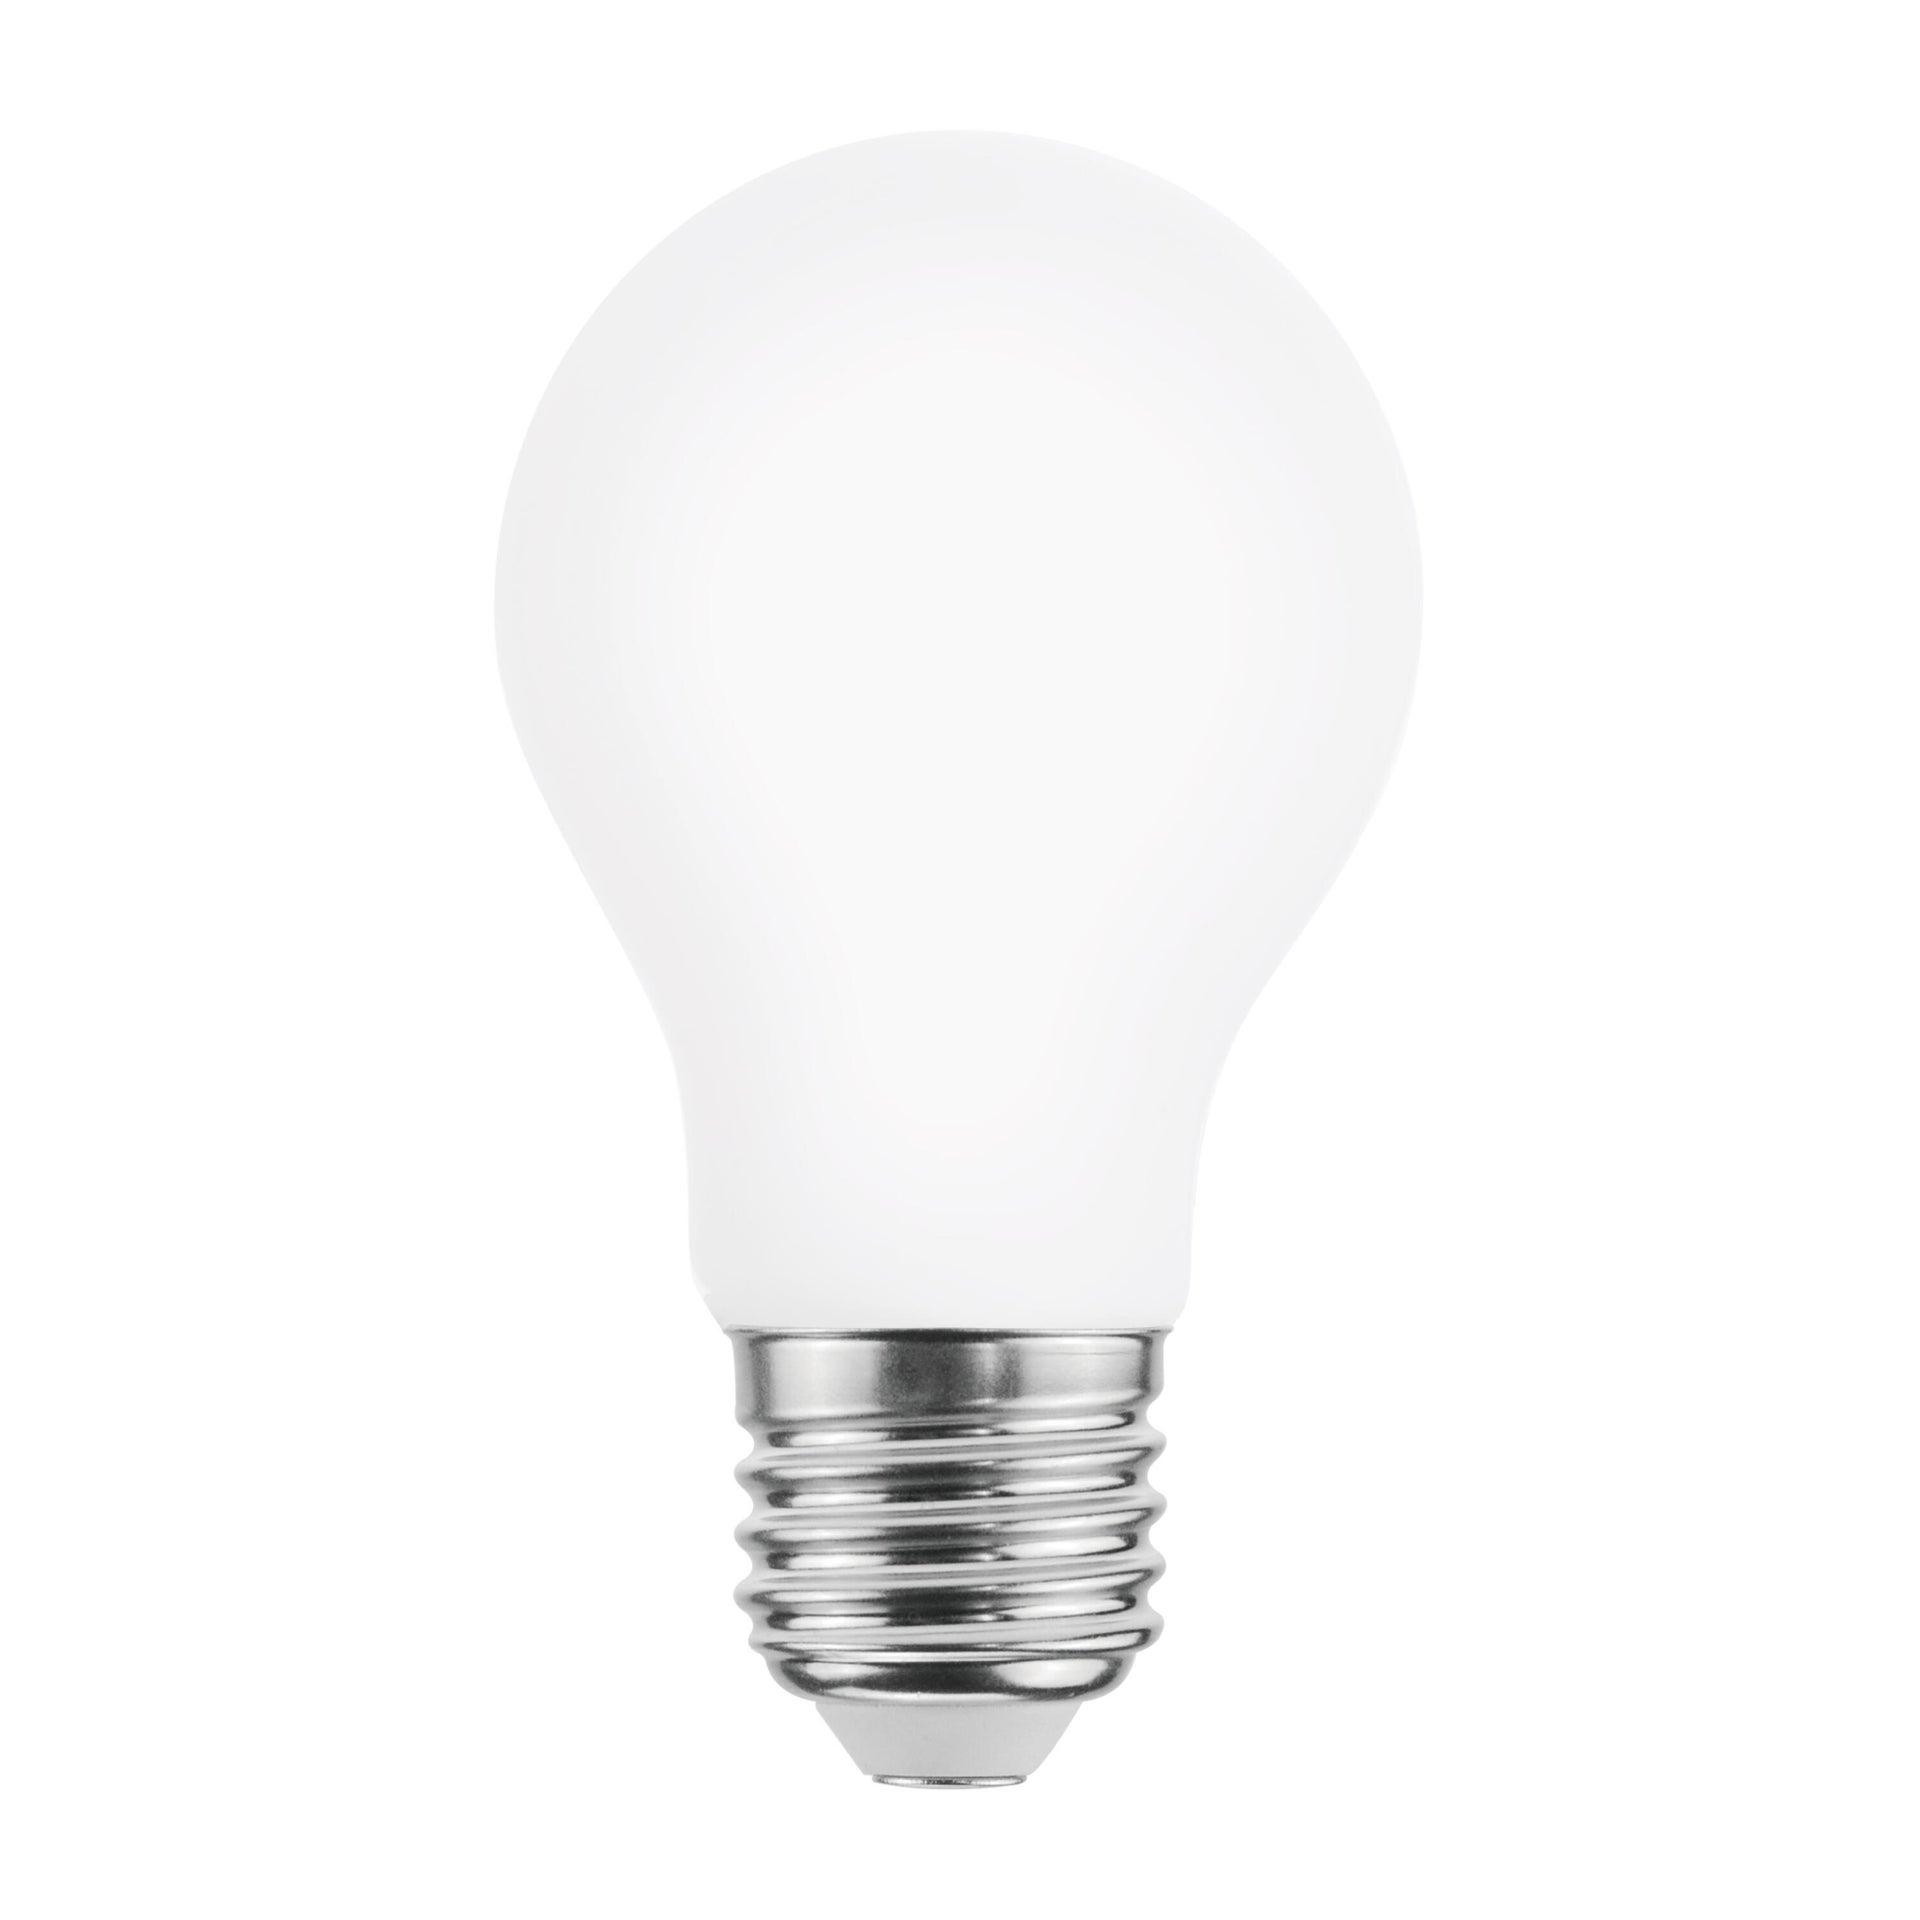 Lampadina LED, E27, Goccia, Opaco, Luce fredda, 8W=1055LM (equiv 75 W), 360° , LEXMAN - 1